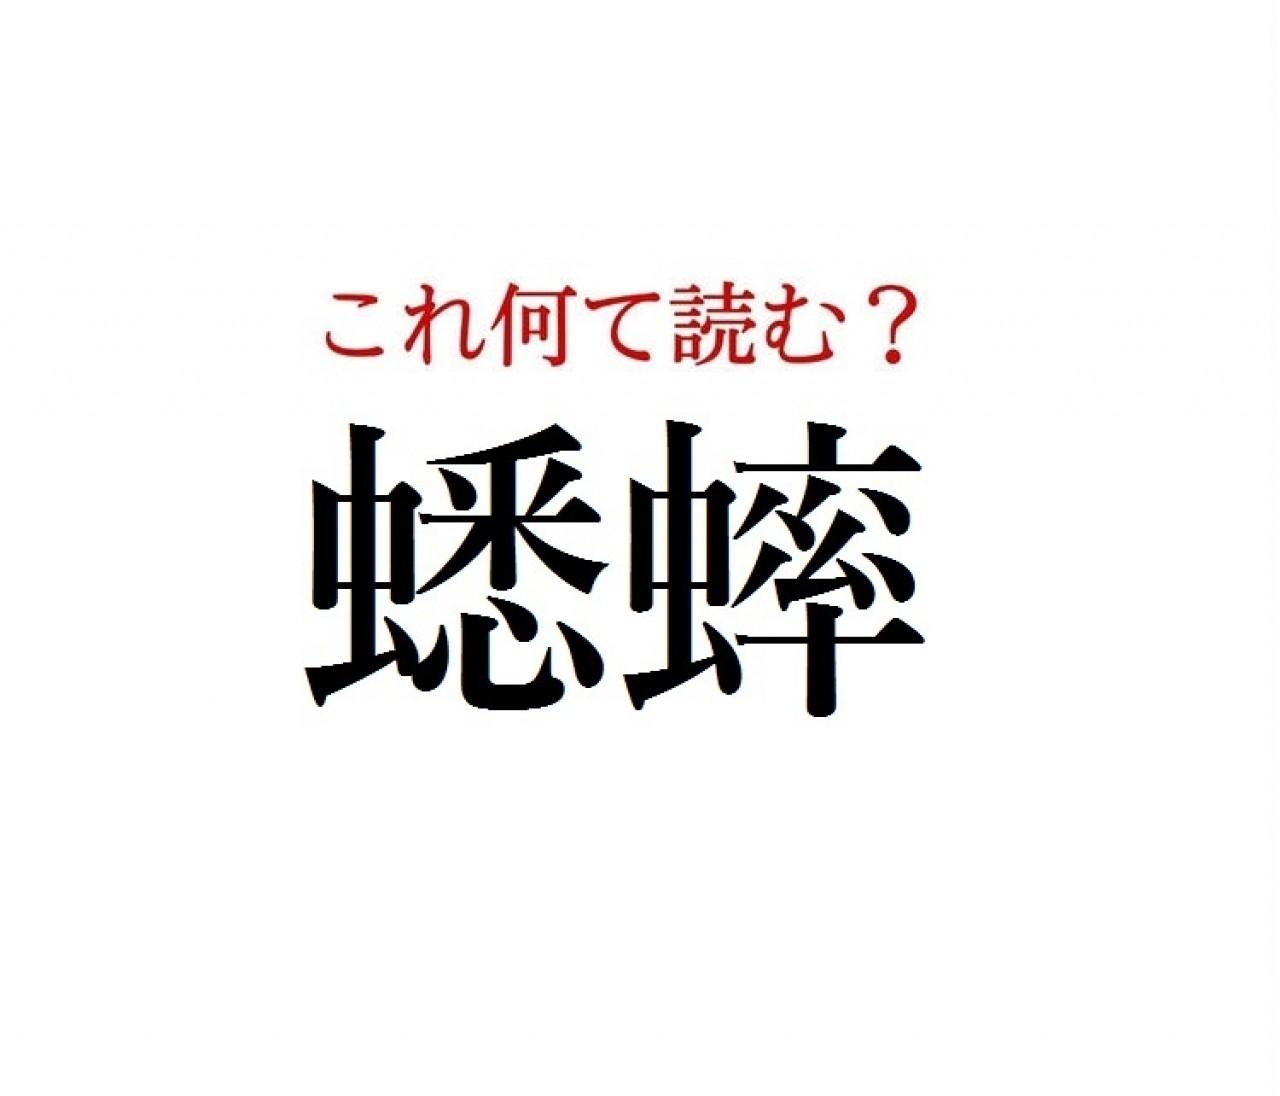 「蟋蟀」:この漢字、自信を持って読めますか?【働く大人の漢字クイズvol.292】